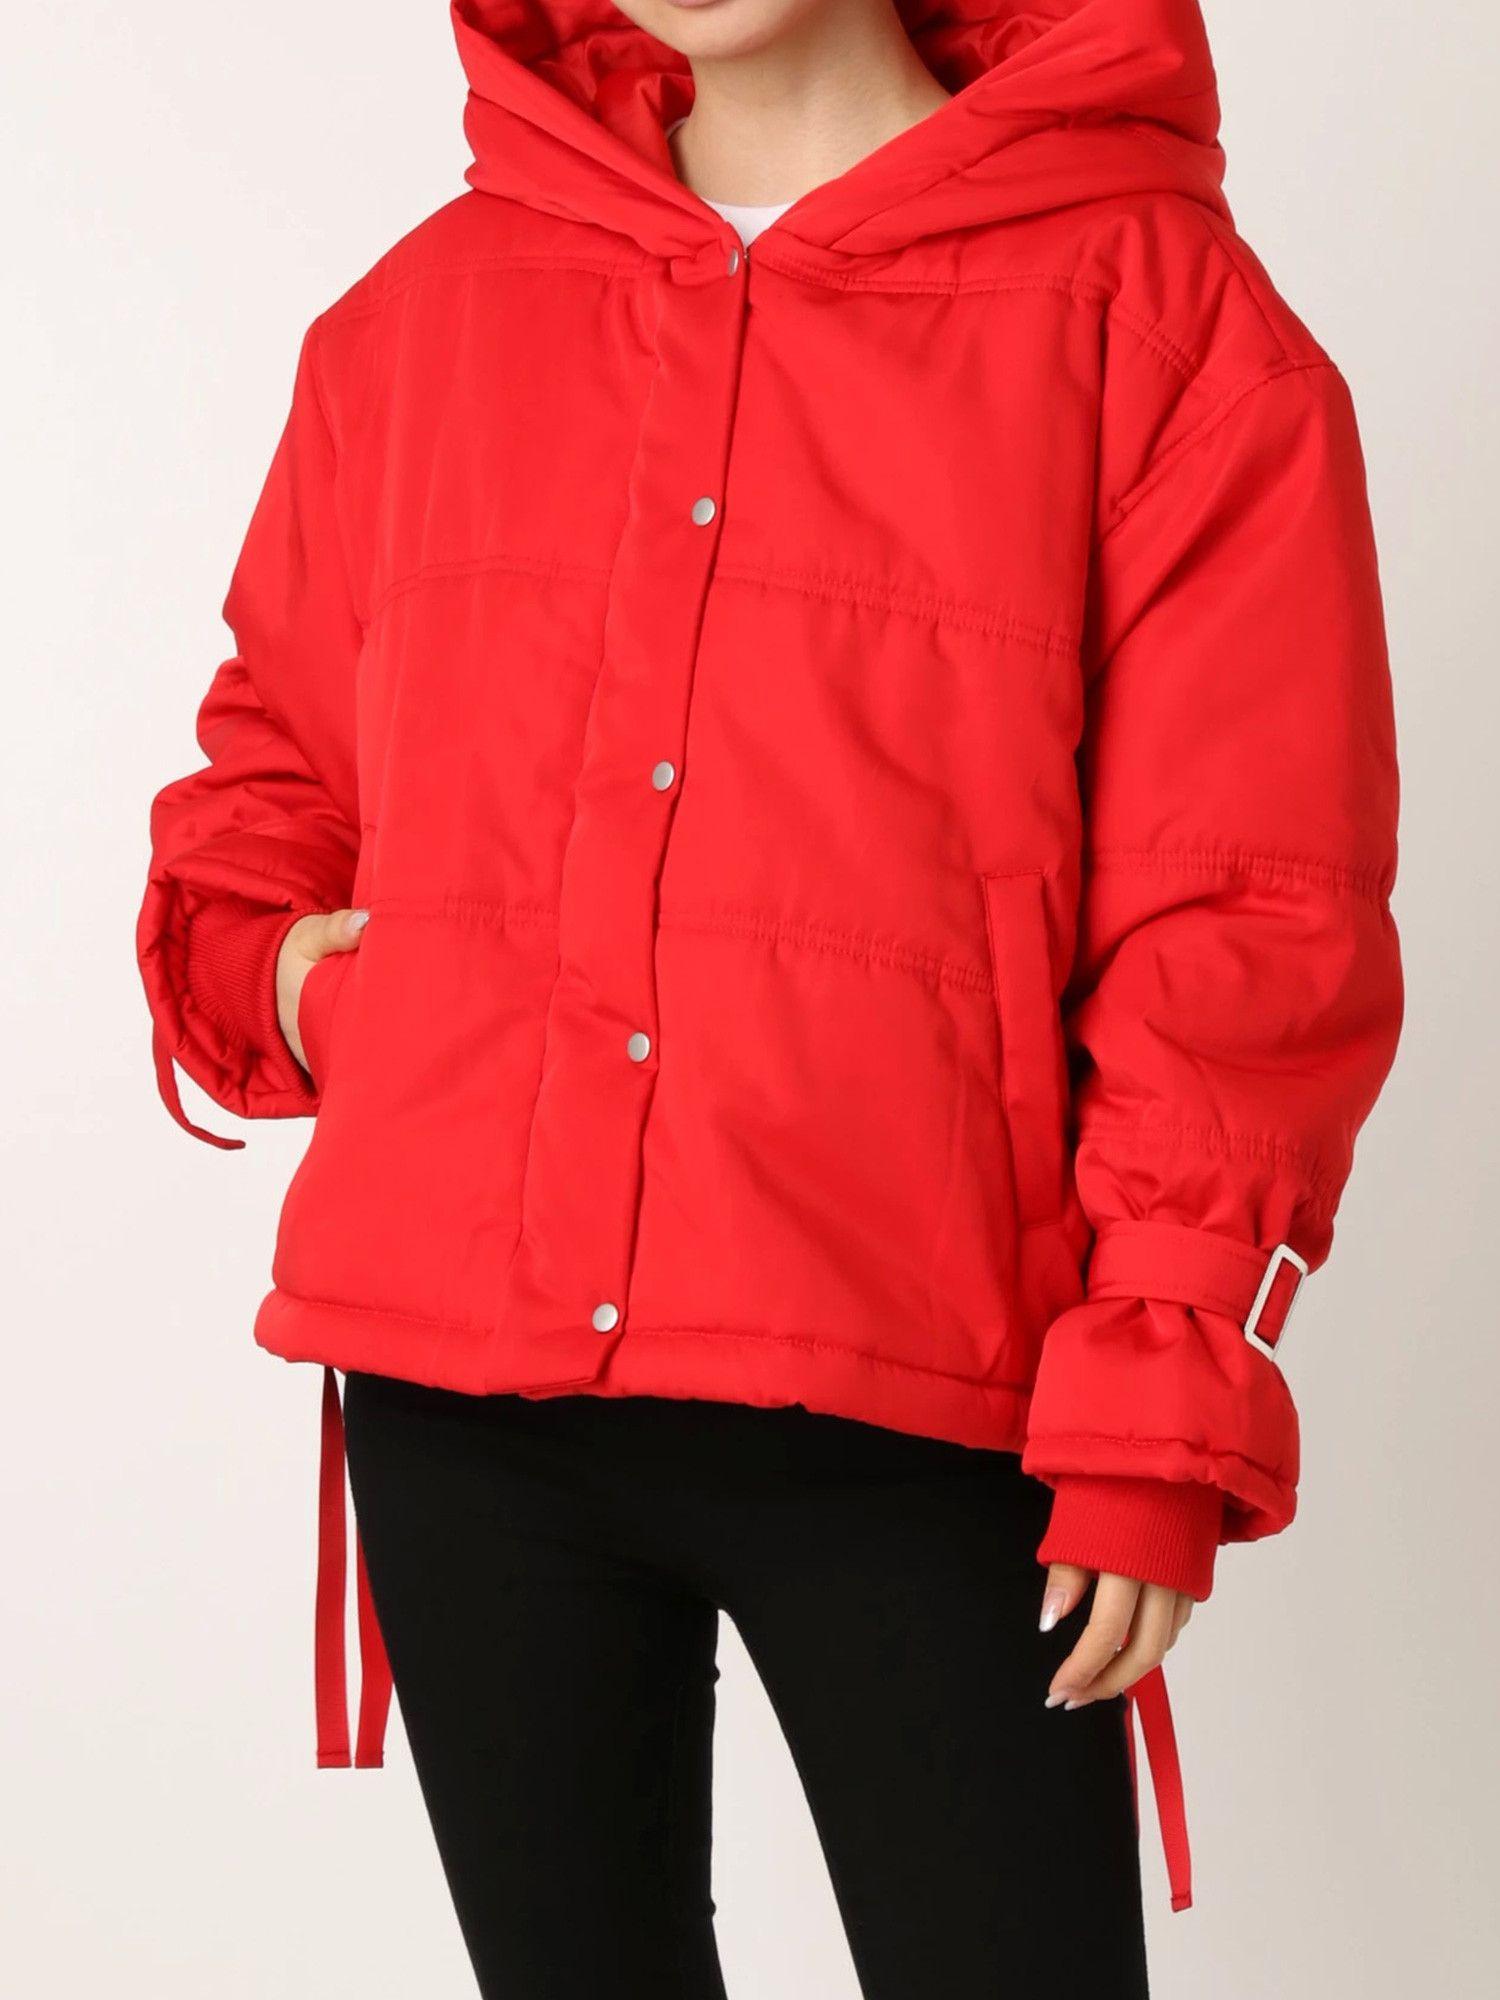 【EMODA】ショートフード中綿ジャケット